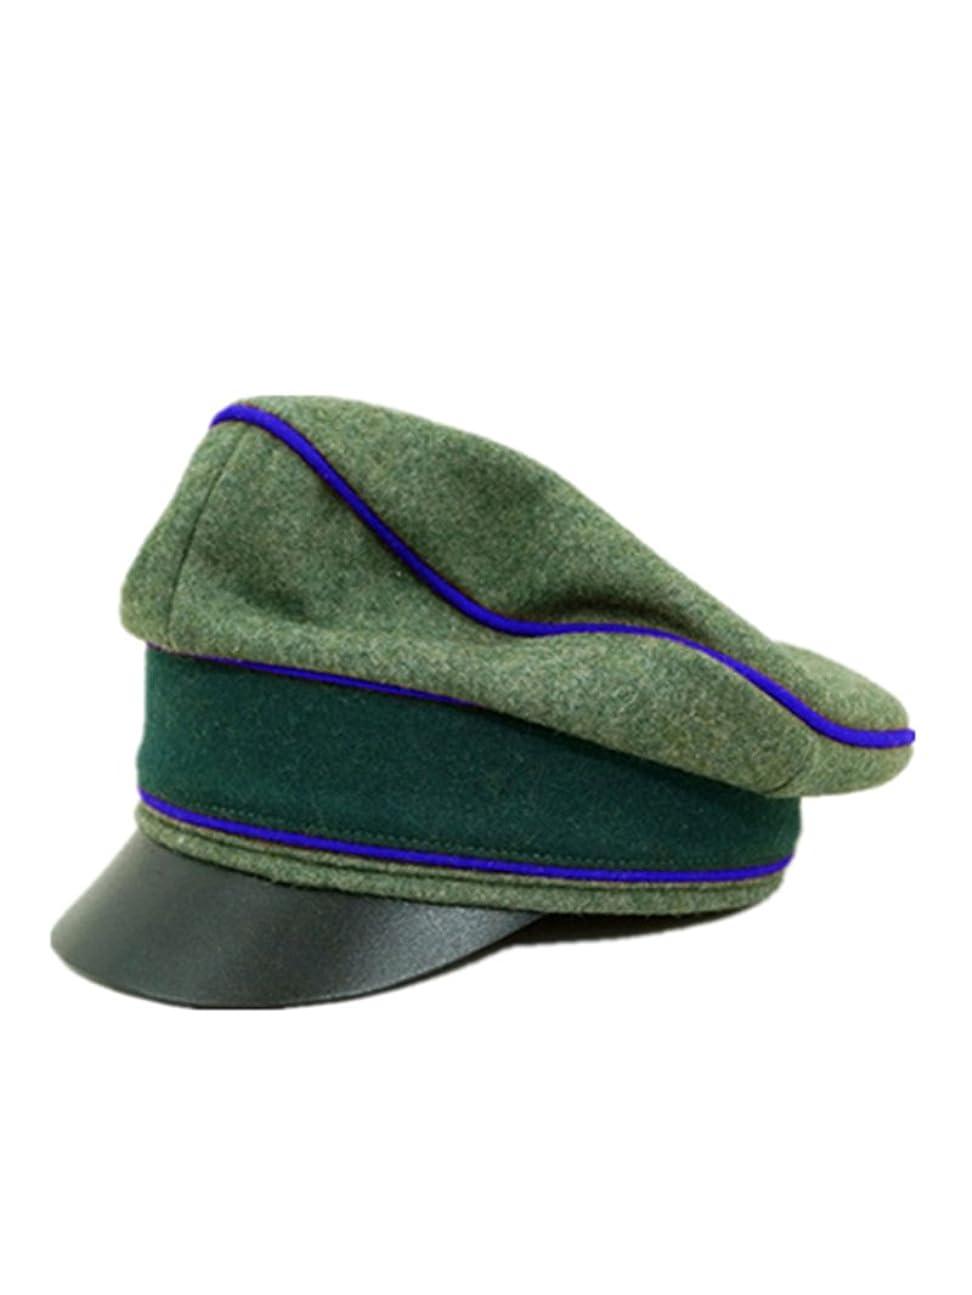 アパル作曲家アーカイブ第二次世界大戦 ドイツ軍 国防軍将校用クラッシュキャップ 医療 ウール材料-62